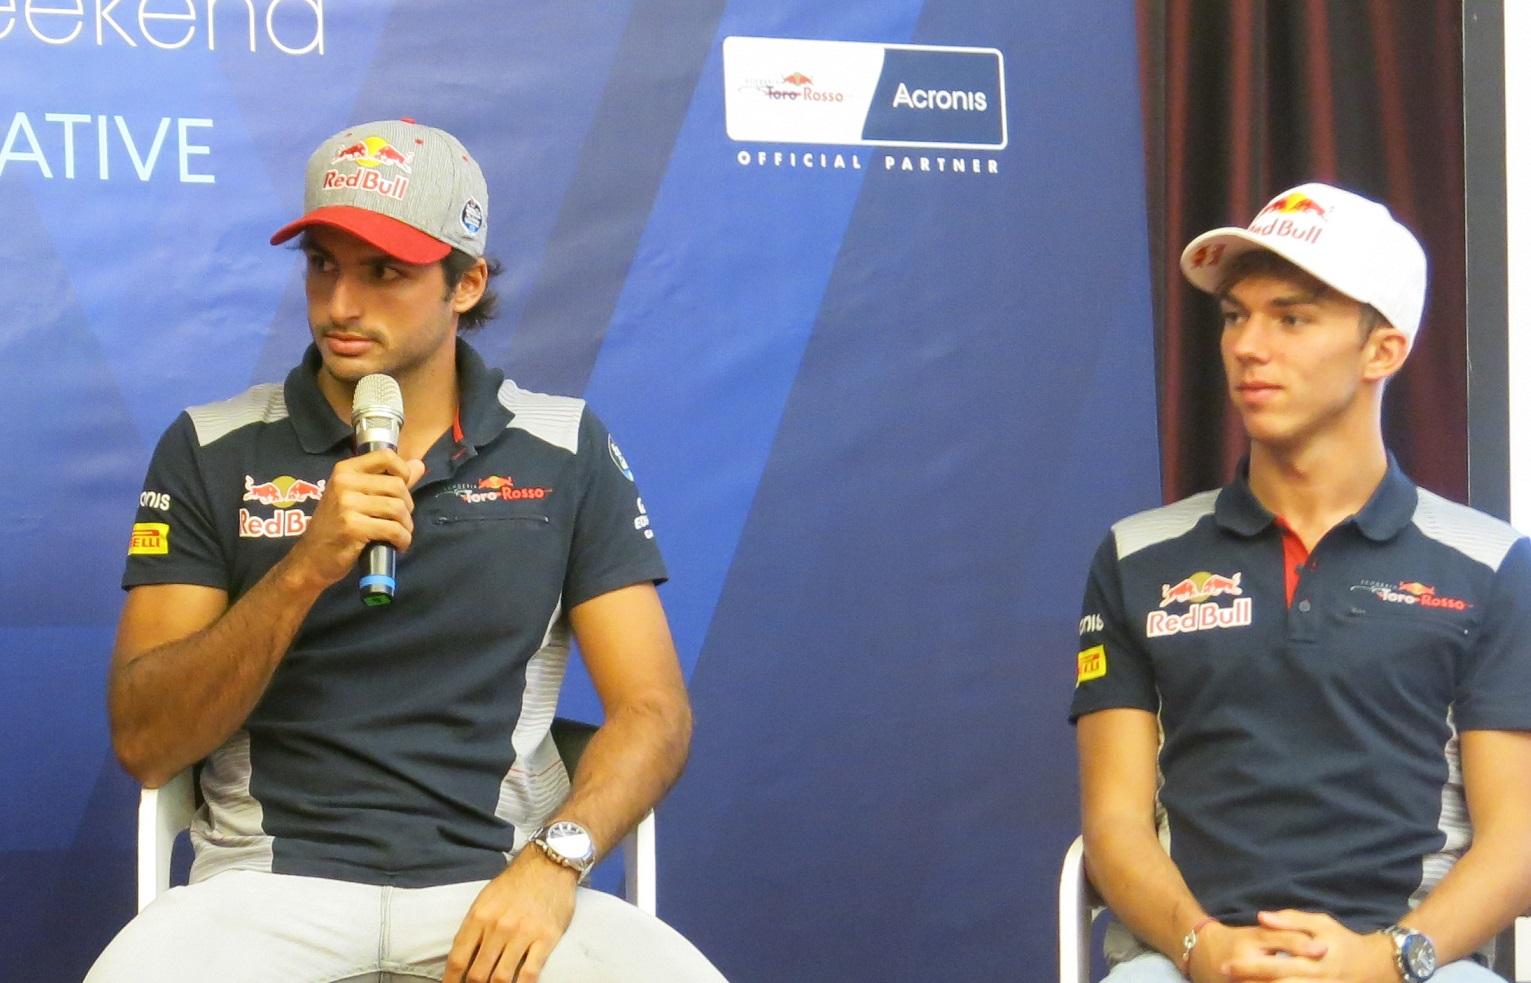 Pierre Gasly France Scuderia Toro Rosso Carlos Sainz Jr Spain Scuderia Toro Rosso